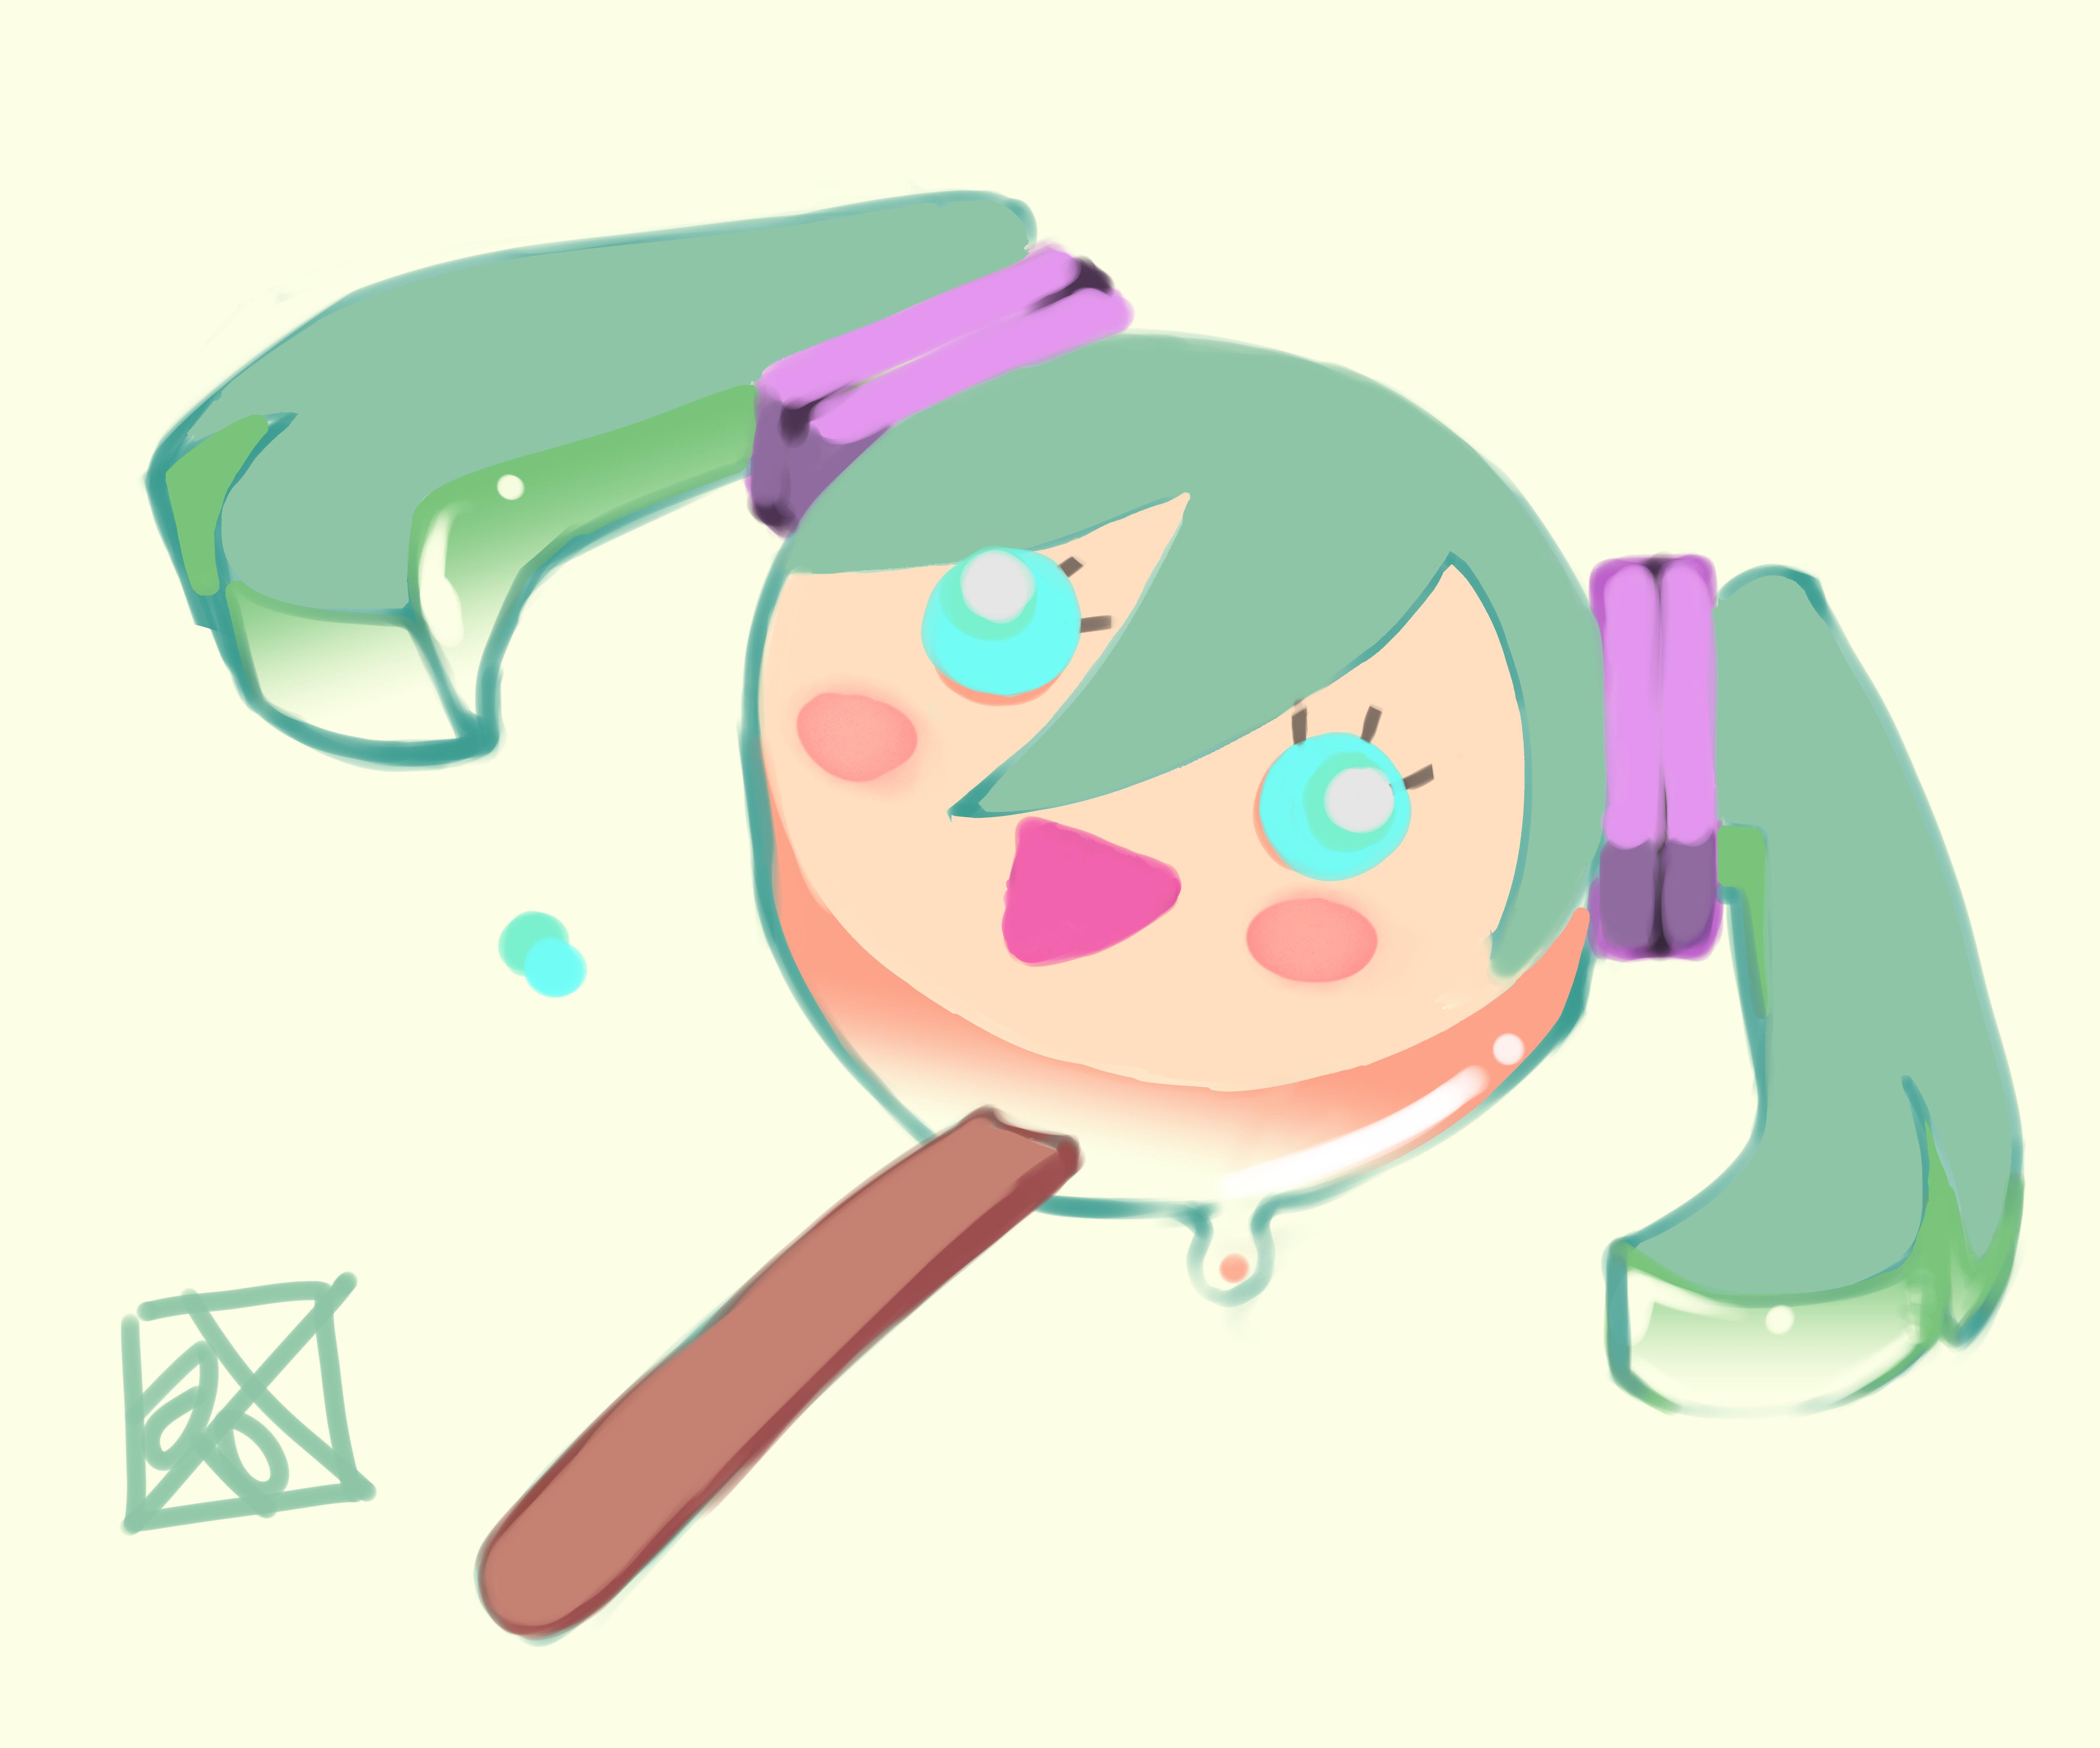 mikuscicle